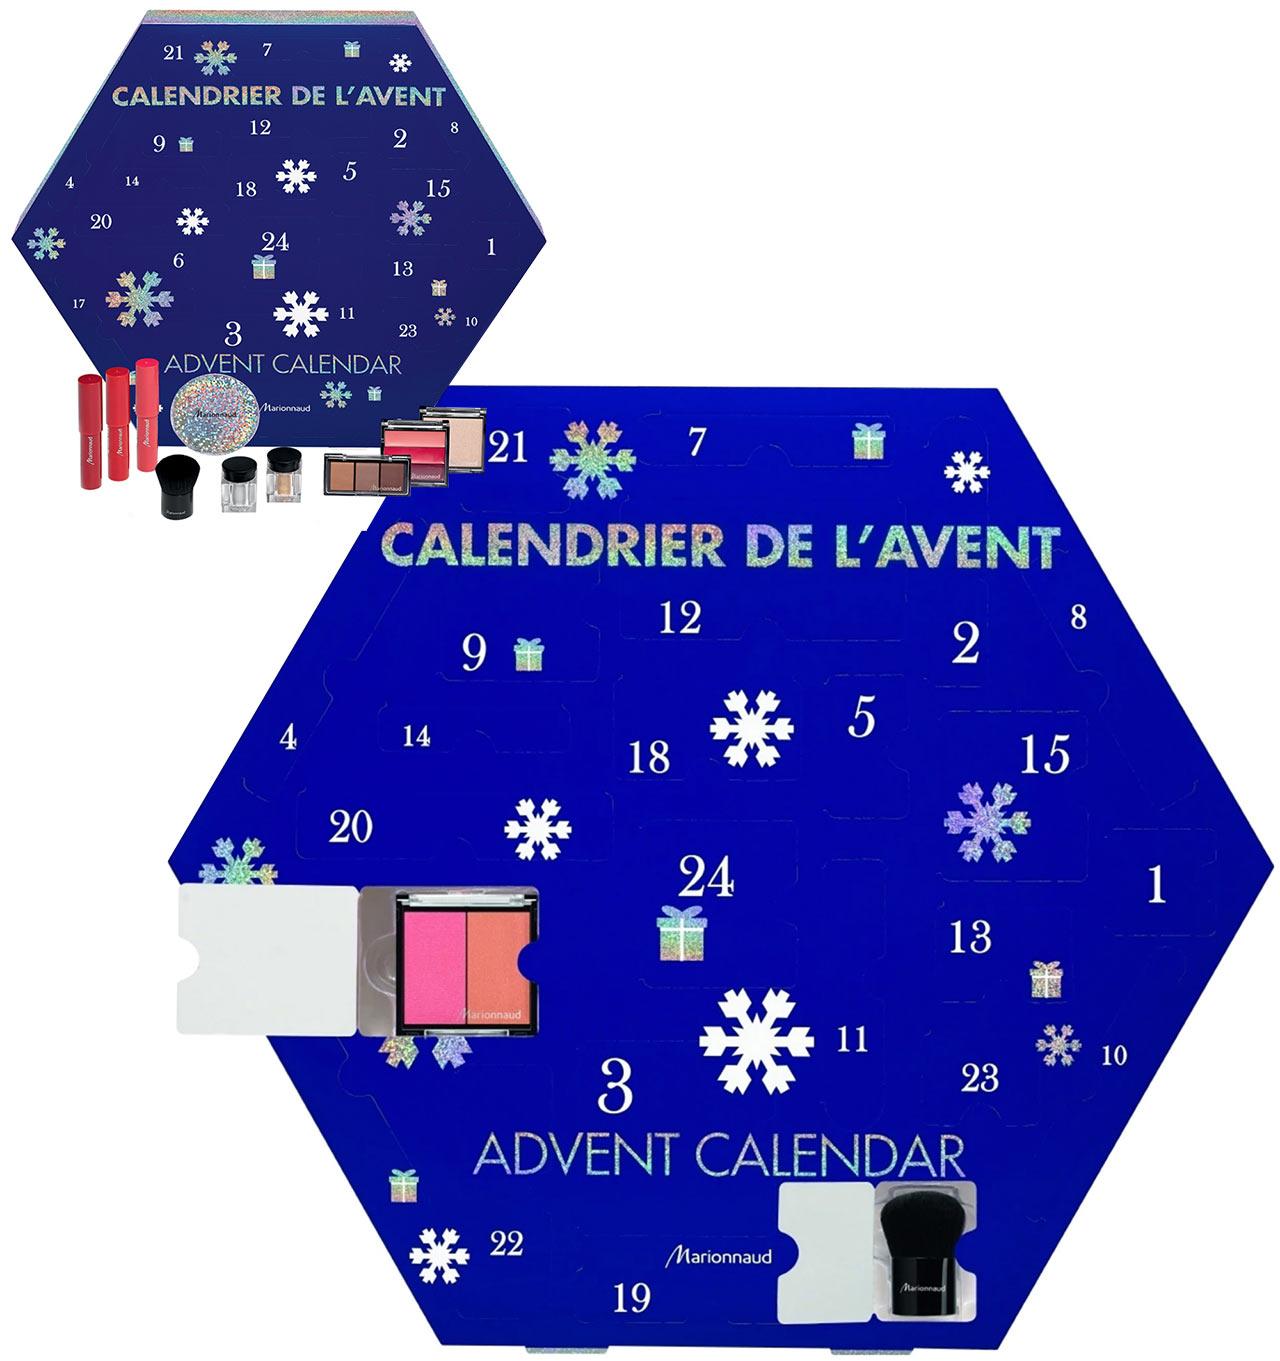 Calendrier de l'avent pour adulte Marionnaud 2018, un calendrier plein de cadeaux beauté